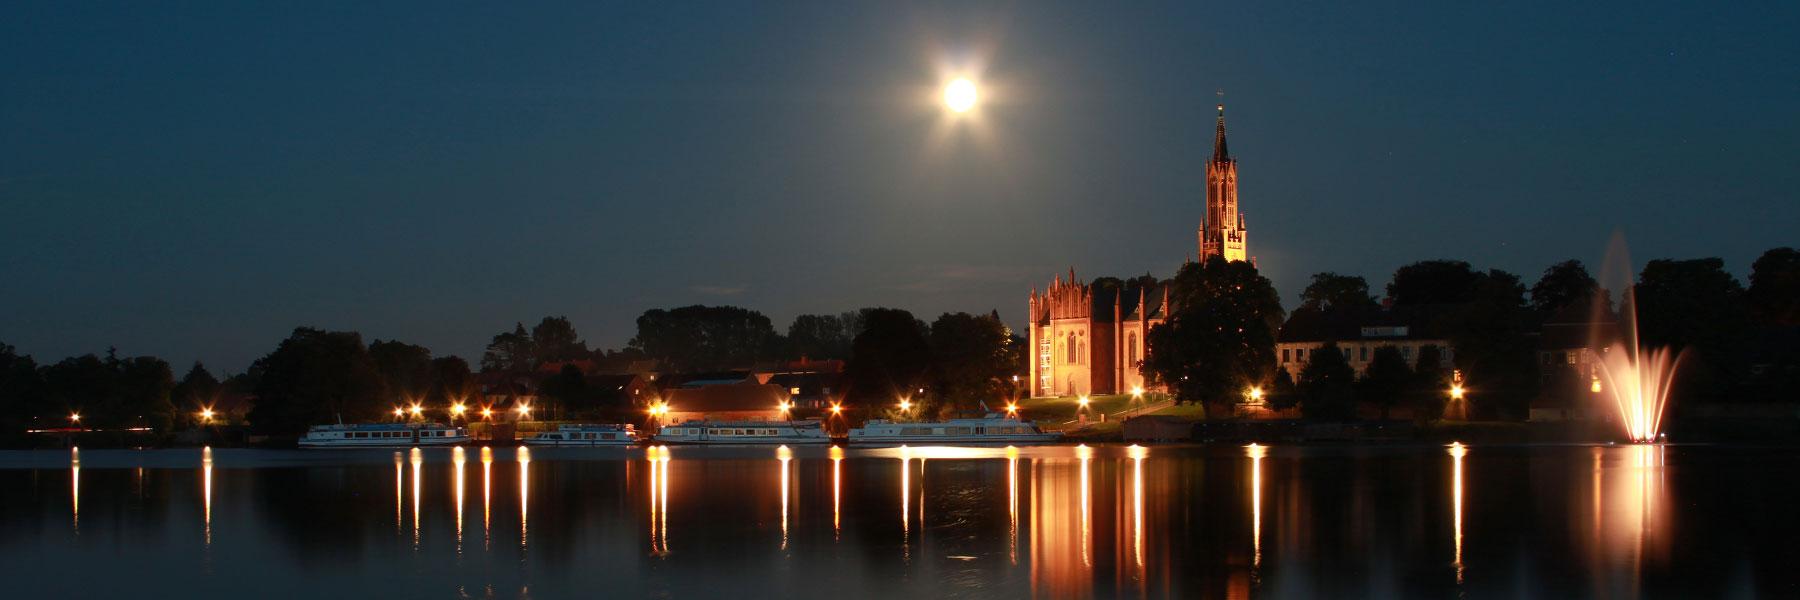 Nacht - Stadt Malchow